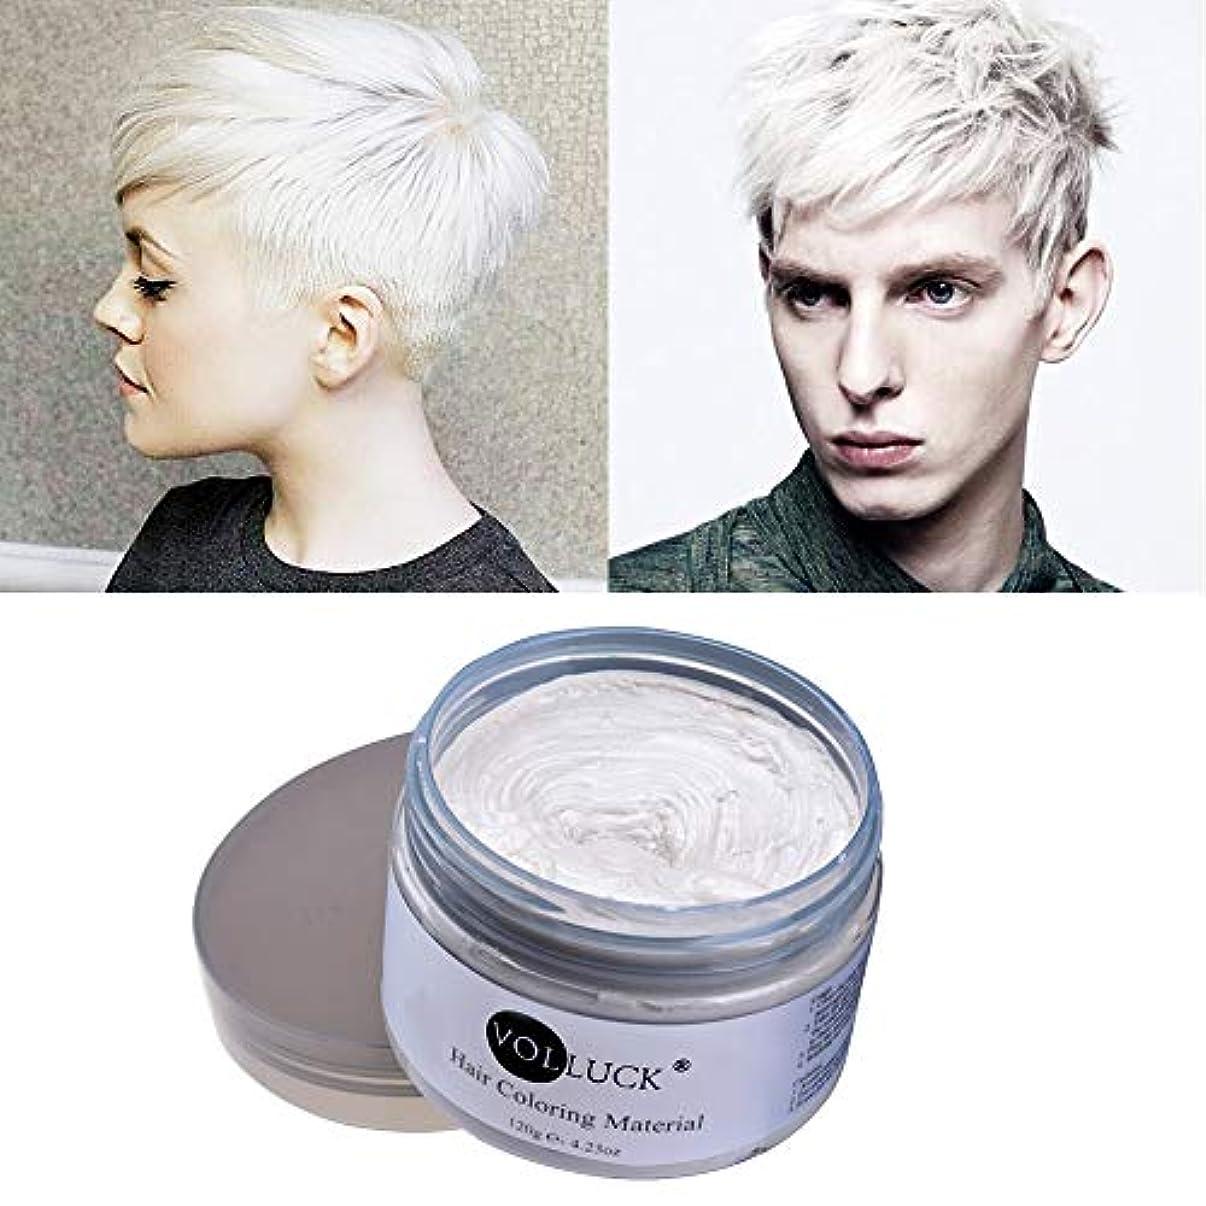 VOLLUCK ヘアカラーワックス たっぷり120g (ホワイト)Hair color Wax ビーズワックス他ナチュラル成分【並行輸入品】